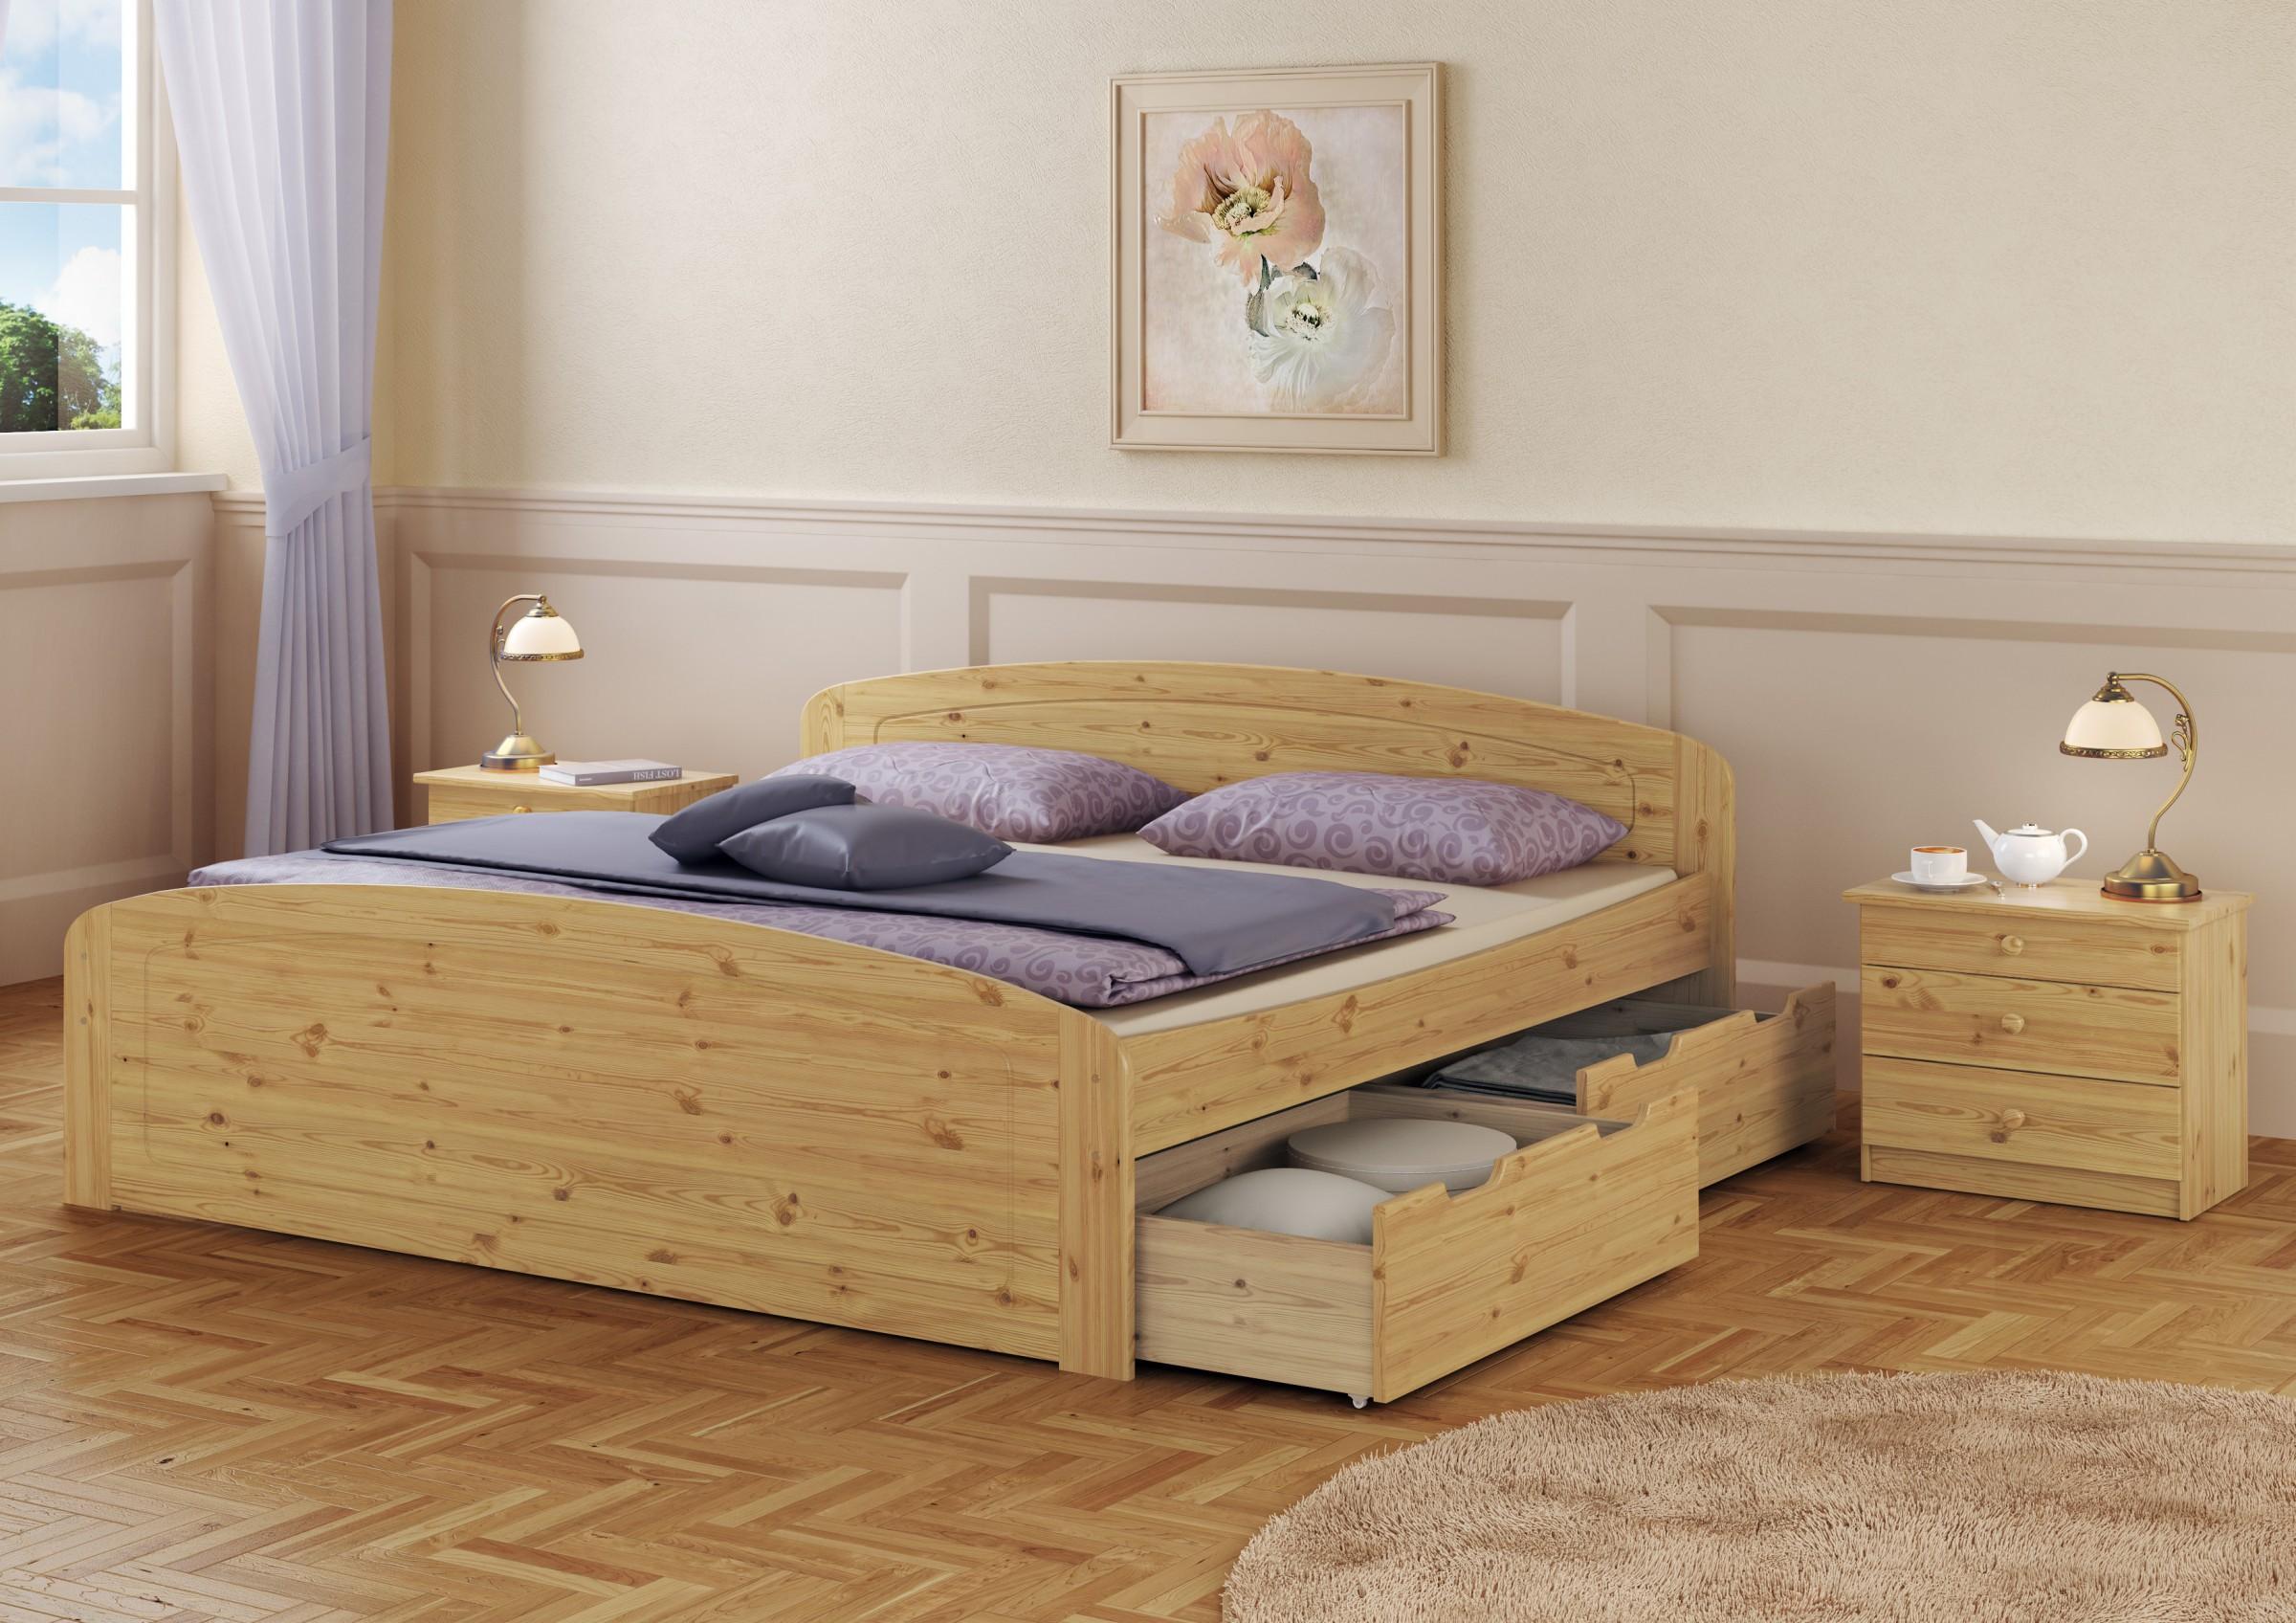 Doghe In Legno Letto Matrimoniale : Letto doppio 200x200 cassettoni per letto rete a doghe letto per